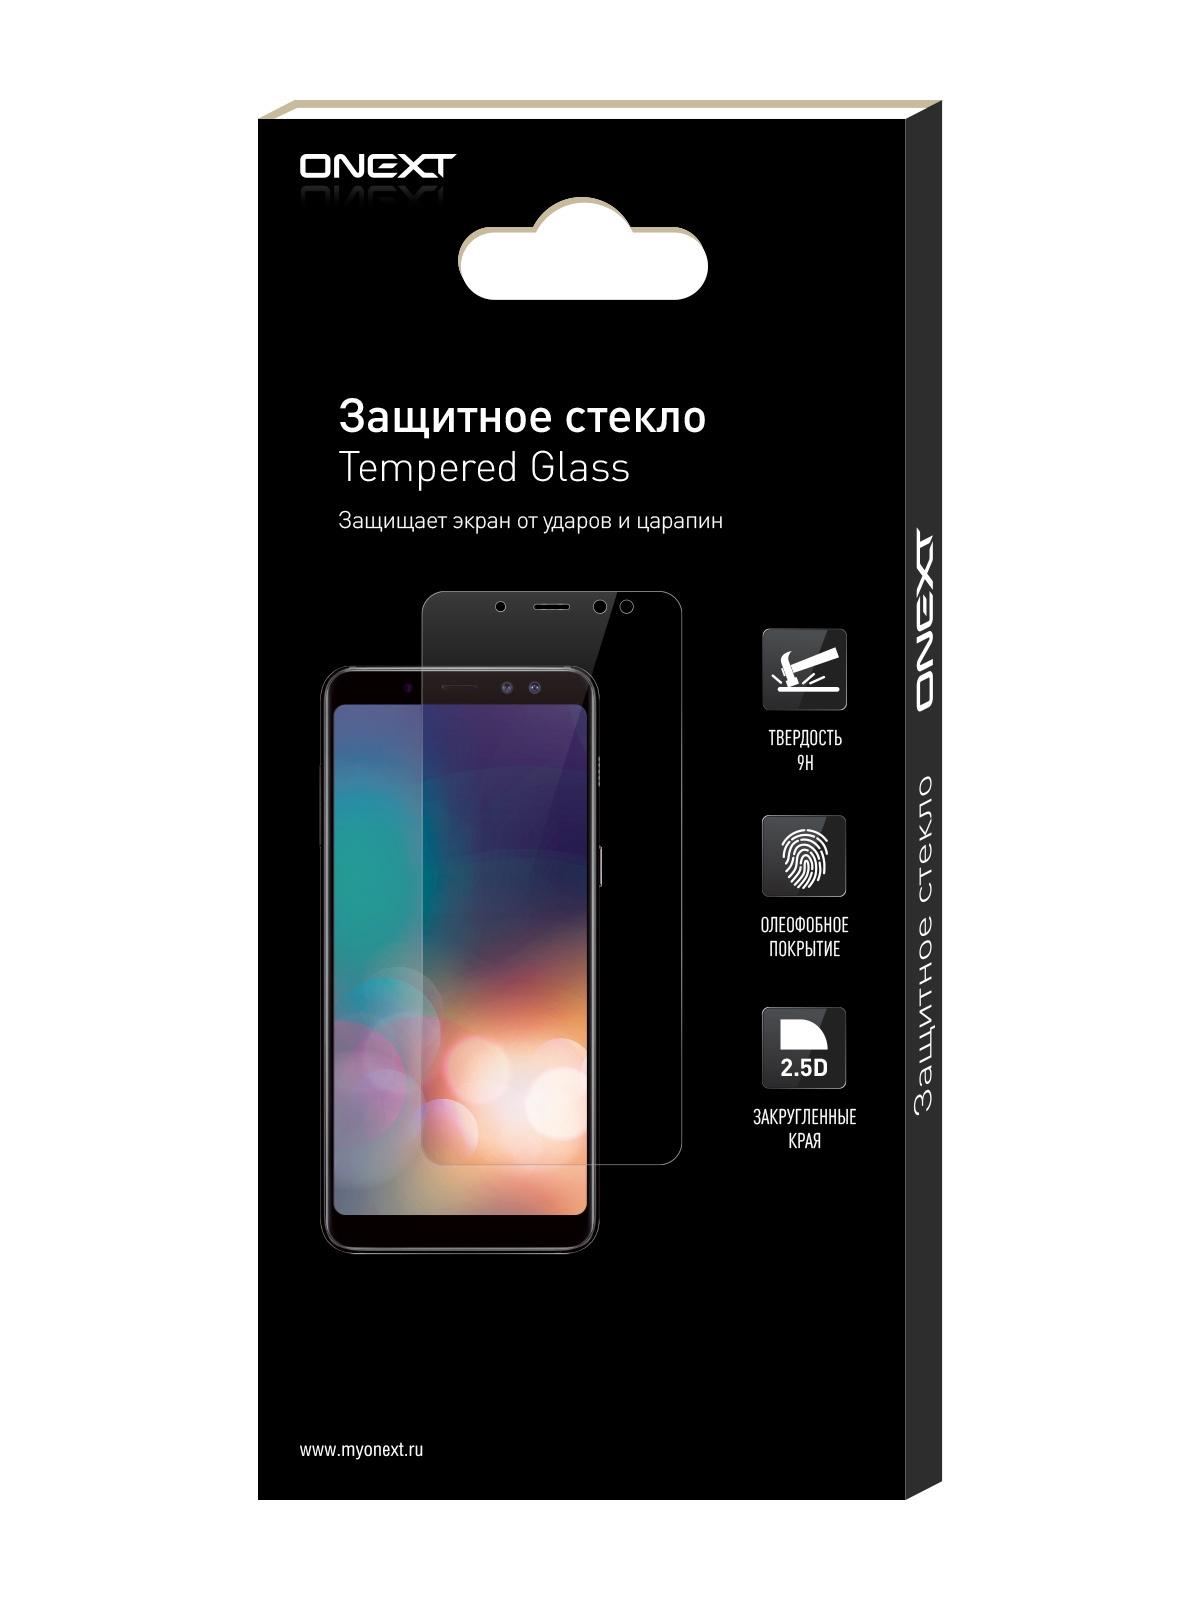 Защитное стекло ONEXT iPhone 6/6S/7/8